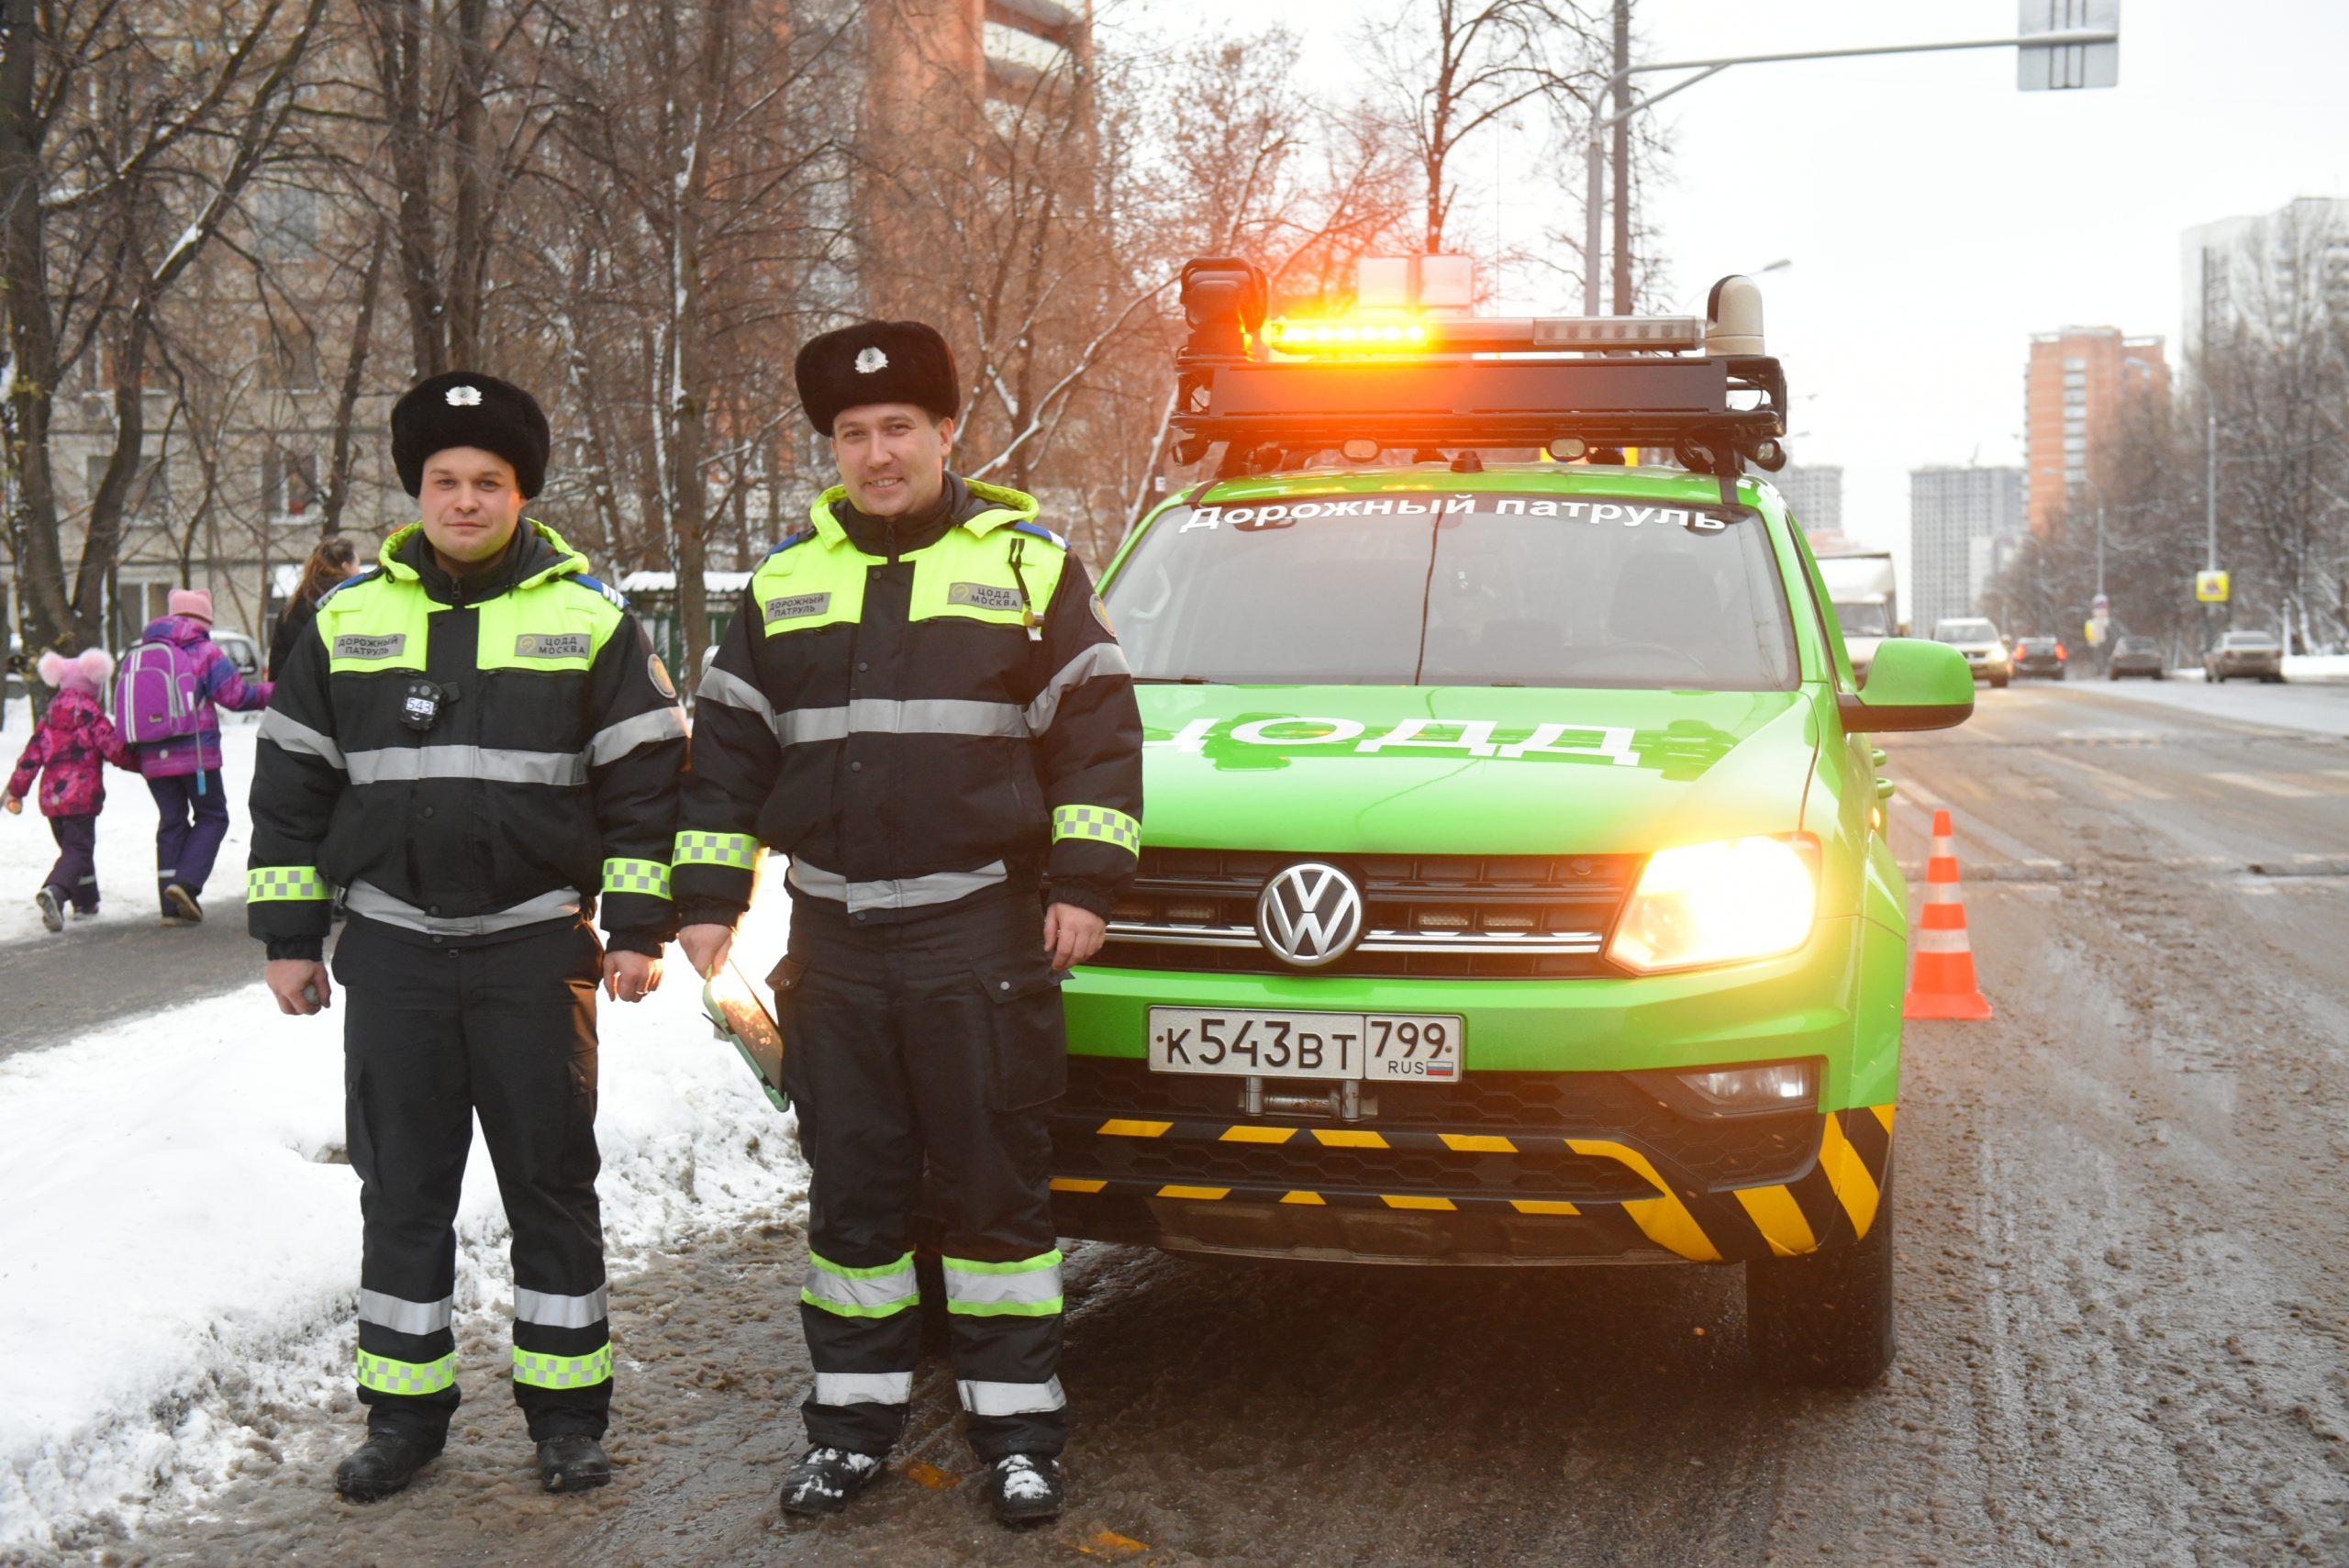 Патрульные вышли на дежурство. Фото: Александр Кожохин